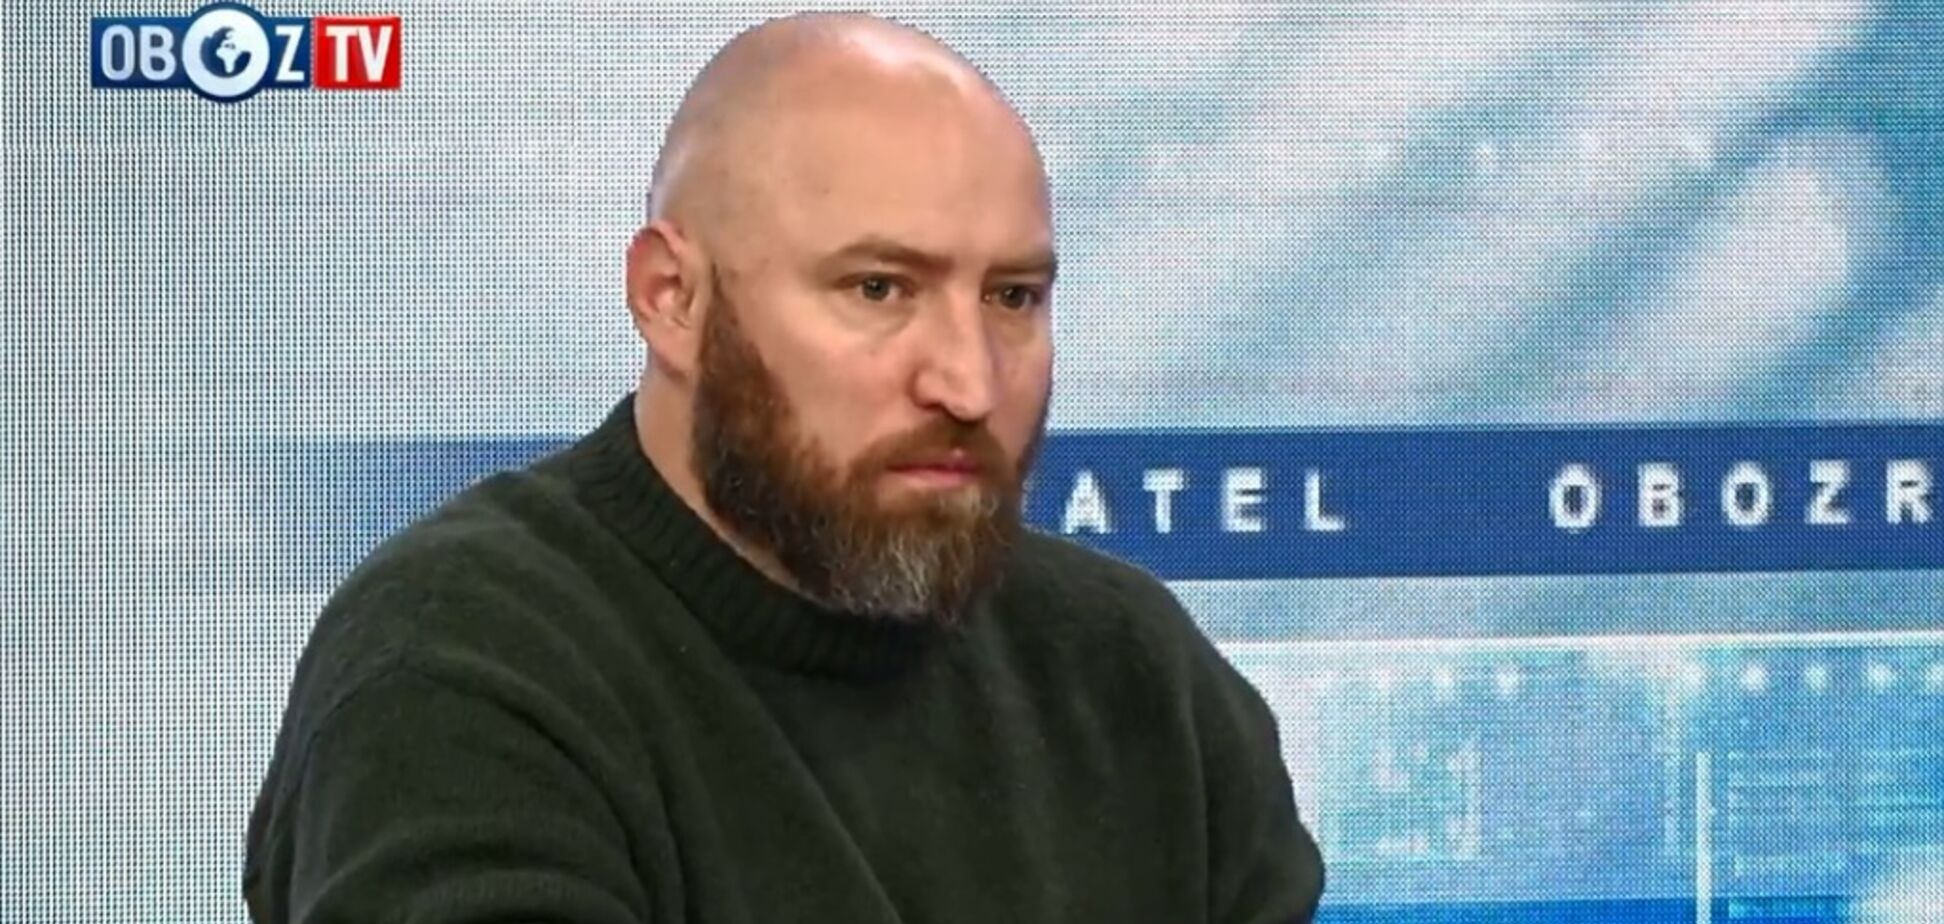 'Збираємо Віче': озвучено плани протестів проти капітуляції в Україні